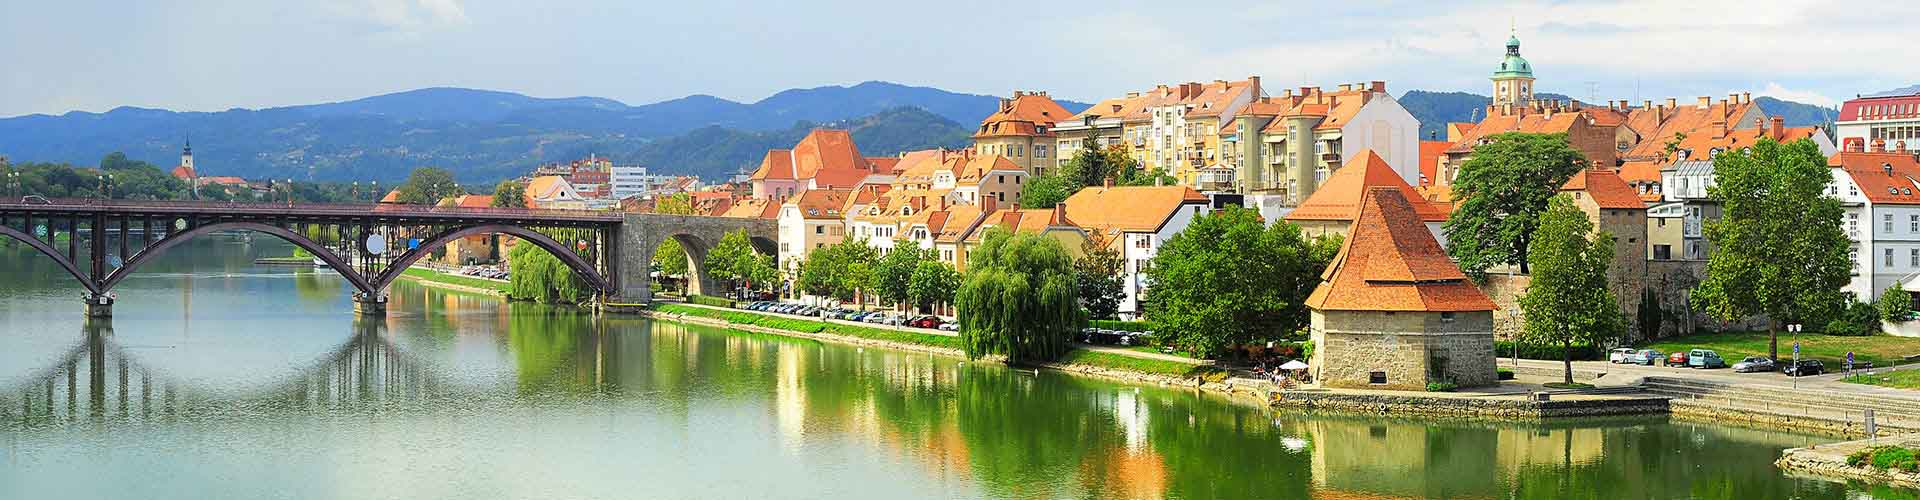 Maribor - Albergues en Maribor. Mapas de Maribor, Fotos y Comentarios para cada Albergue en Maribor.